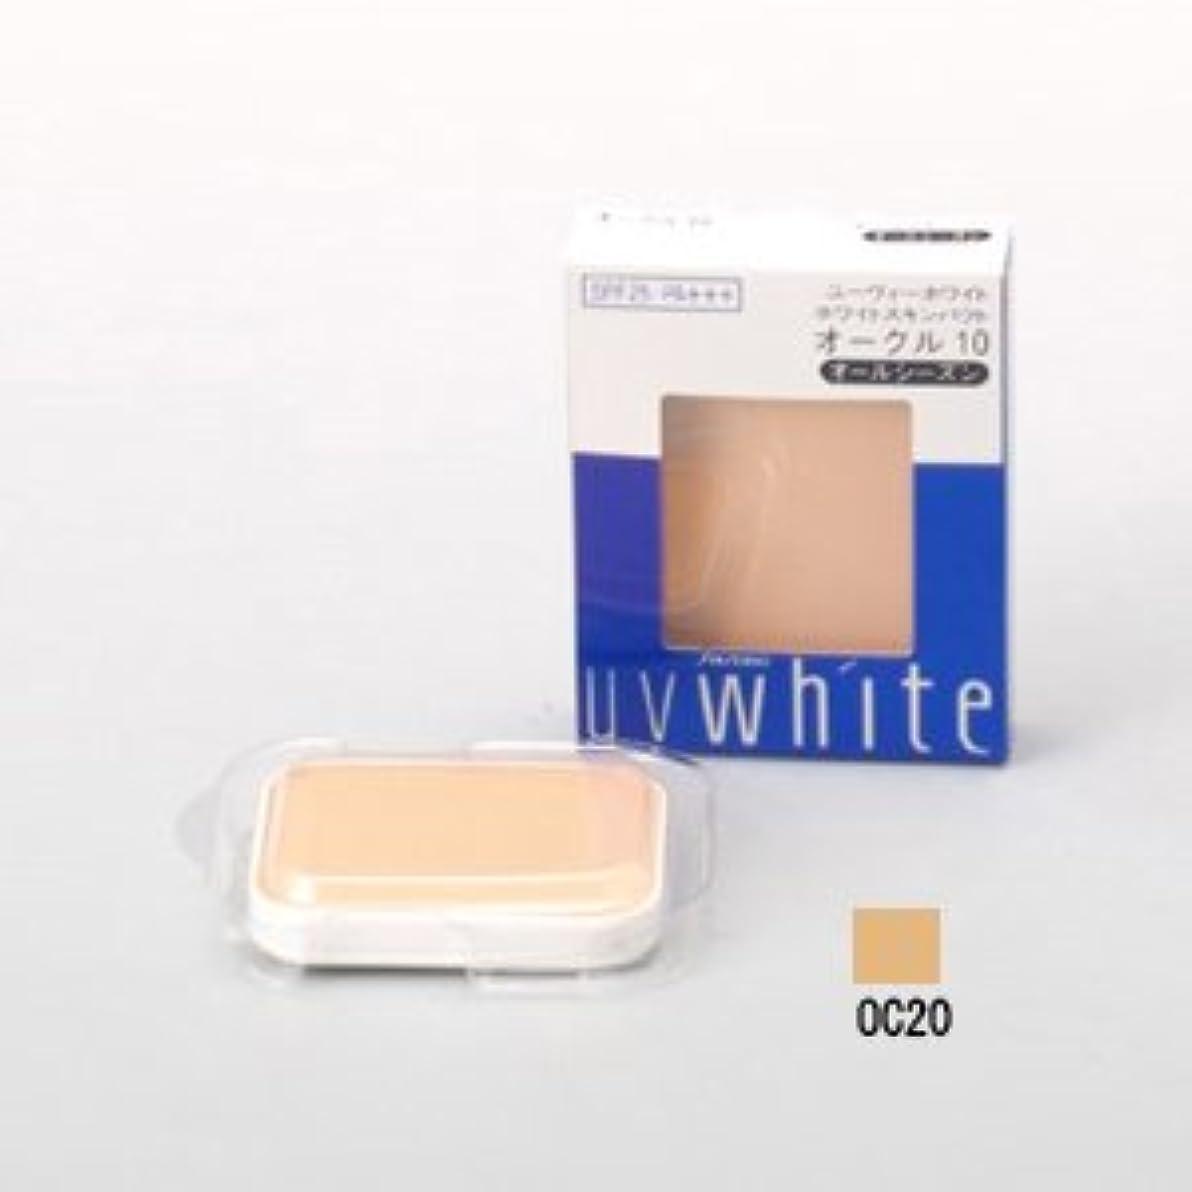 雇用サラダ無声で資生堂 UVホワイト ホワイトスキンパクト レフィル OC-20